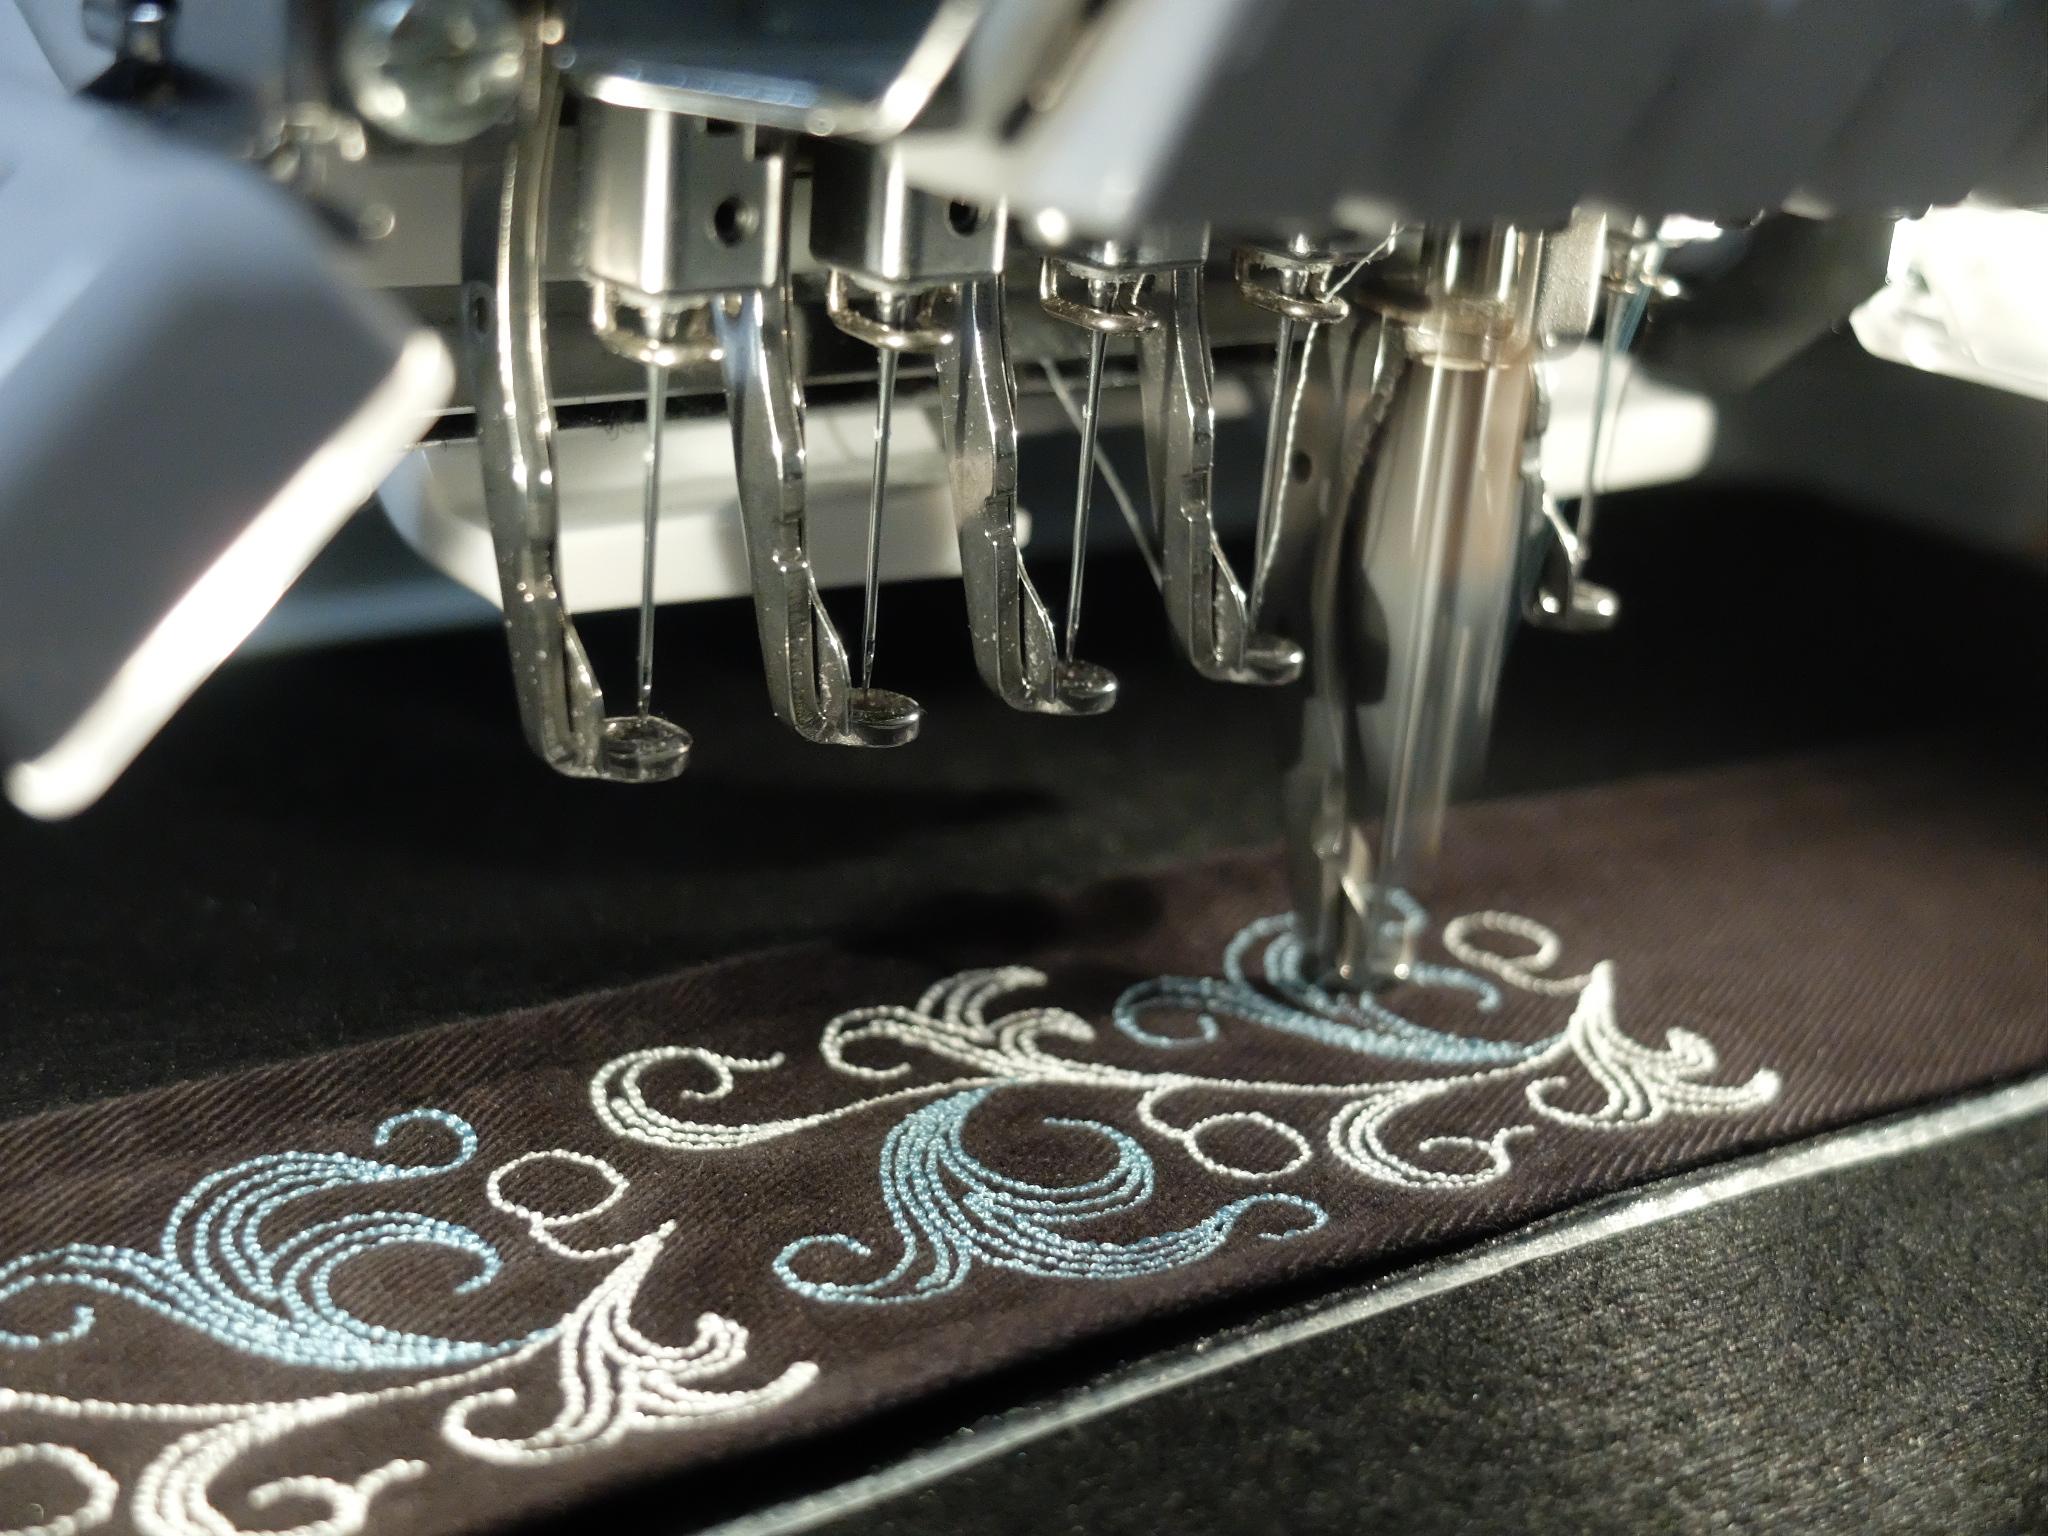 トレンチコート ベルト刺繍 アラベスク模様 刺繍ミシン